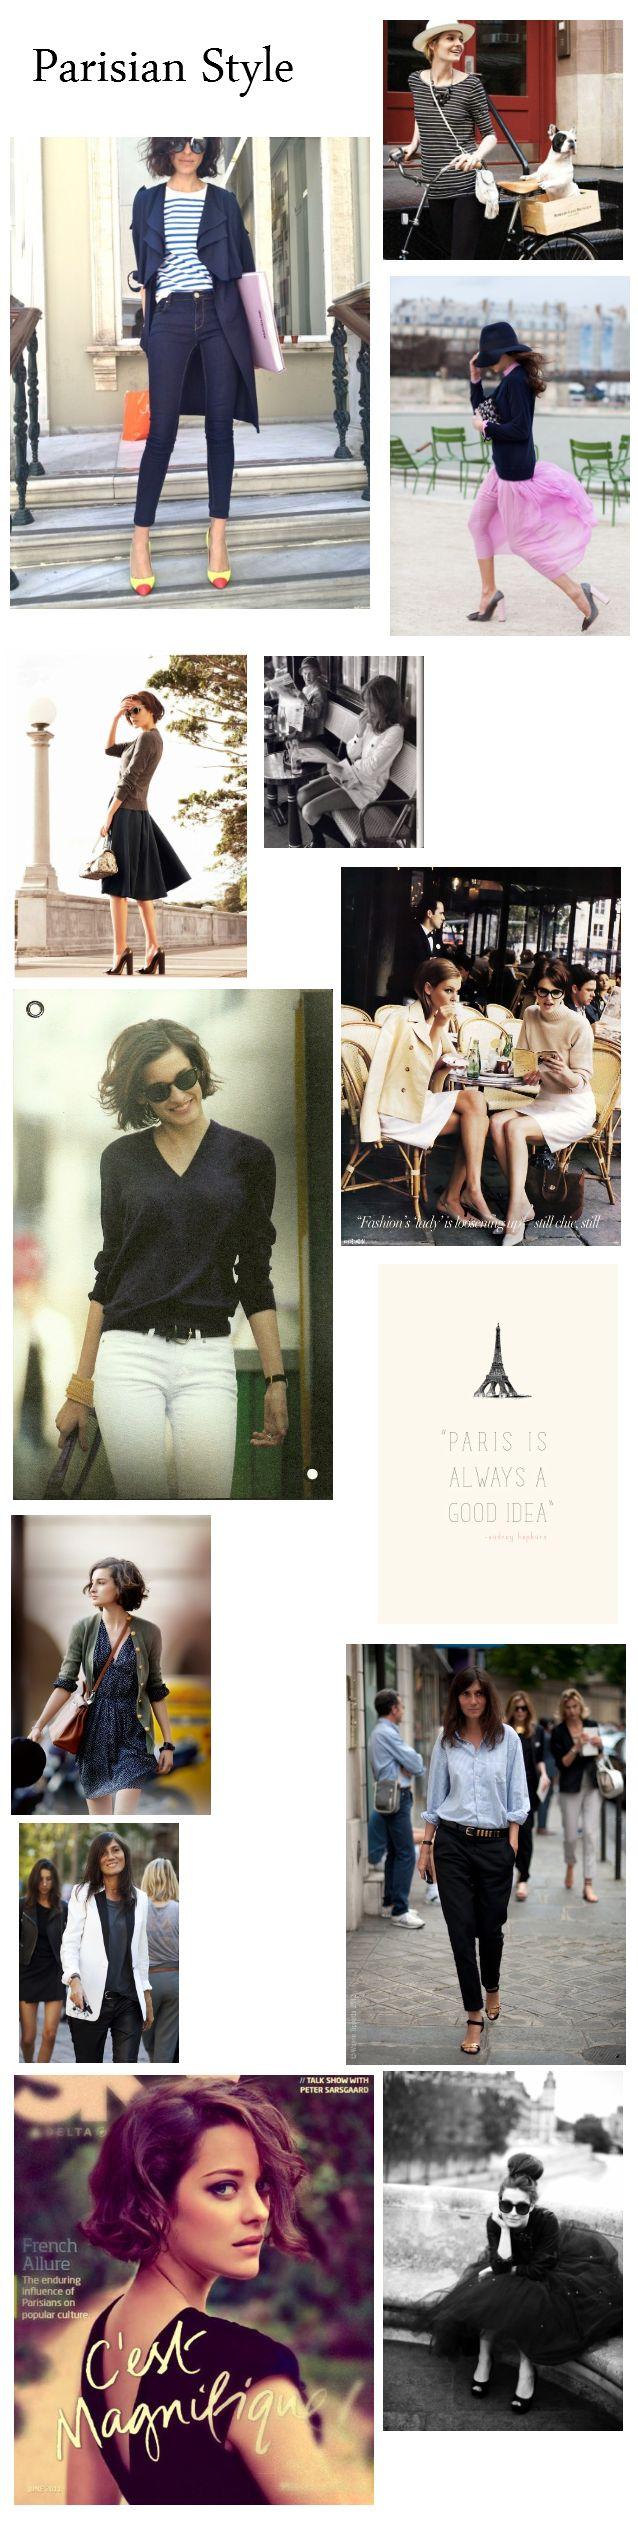 London Vs Paris The Style Guide Bullet Blues